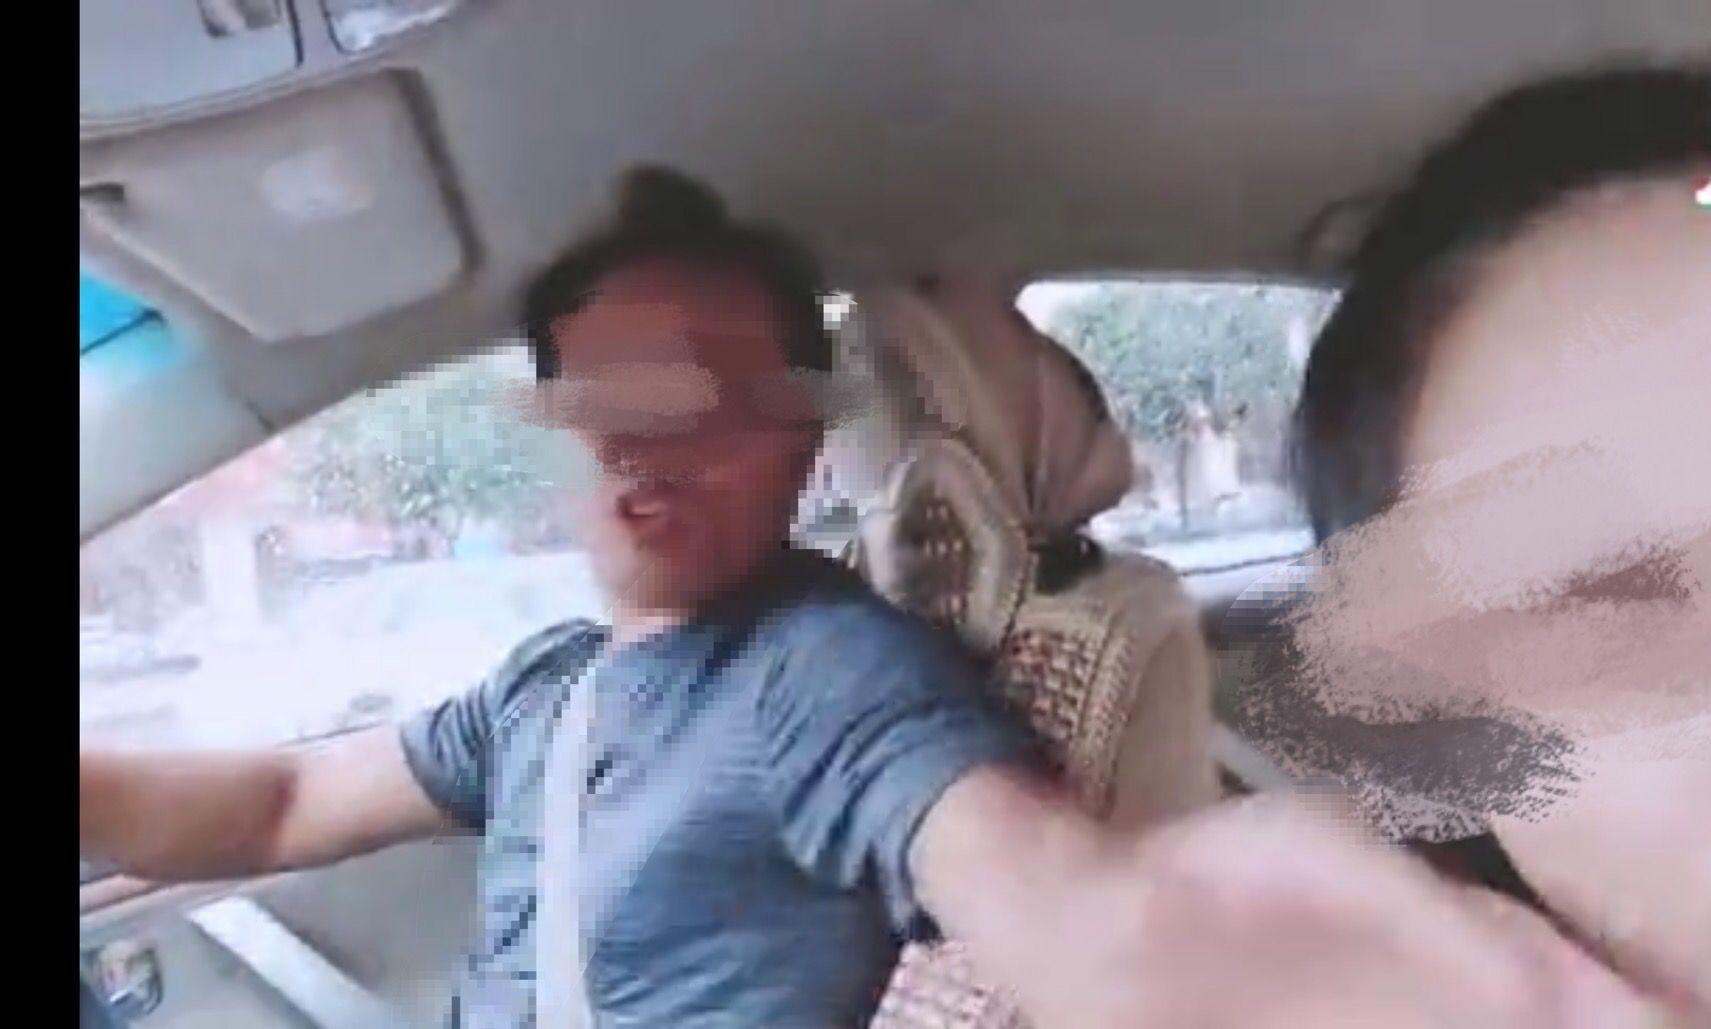 广西一司机因车费纠纷掌掴女游客 被警方行拘10日